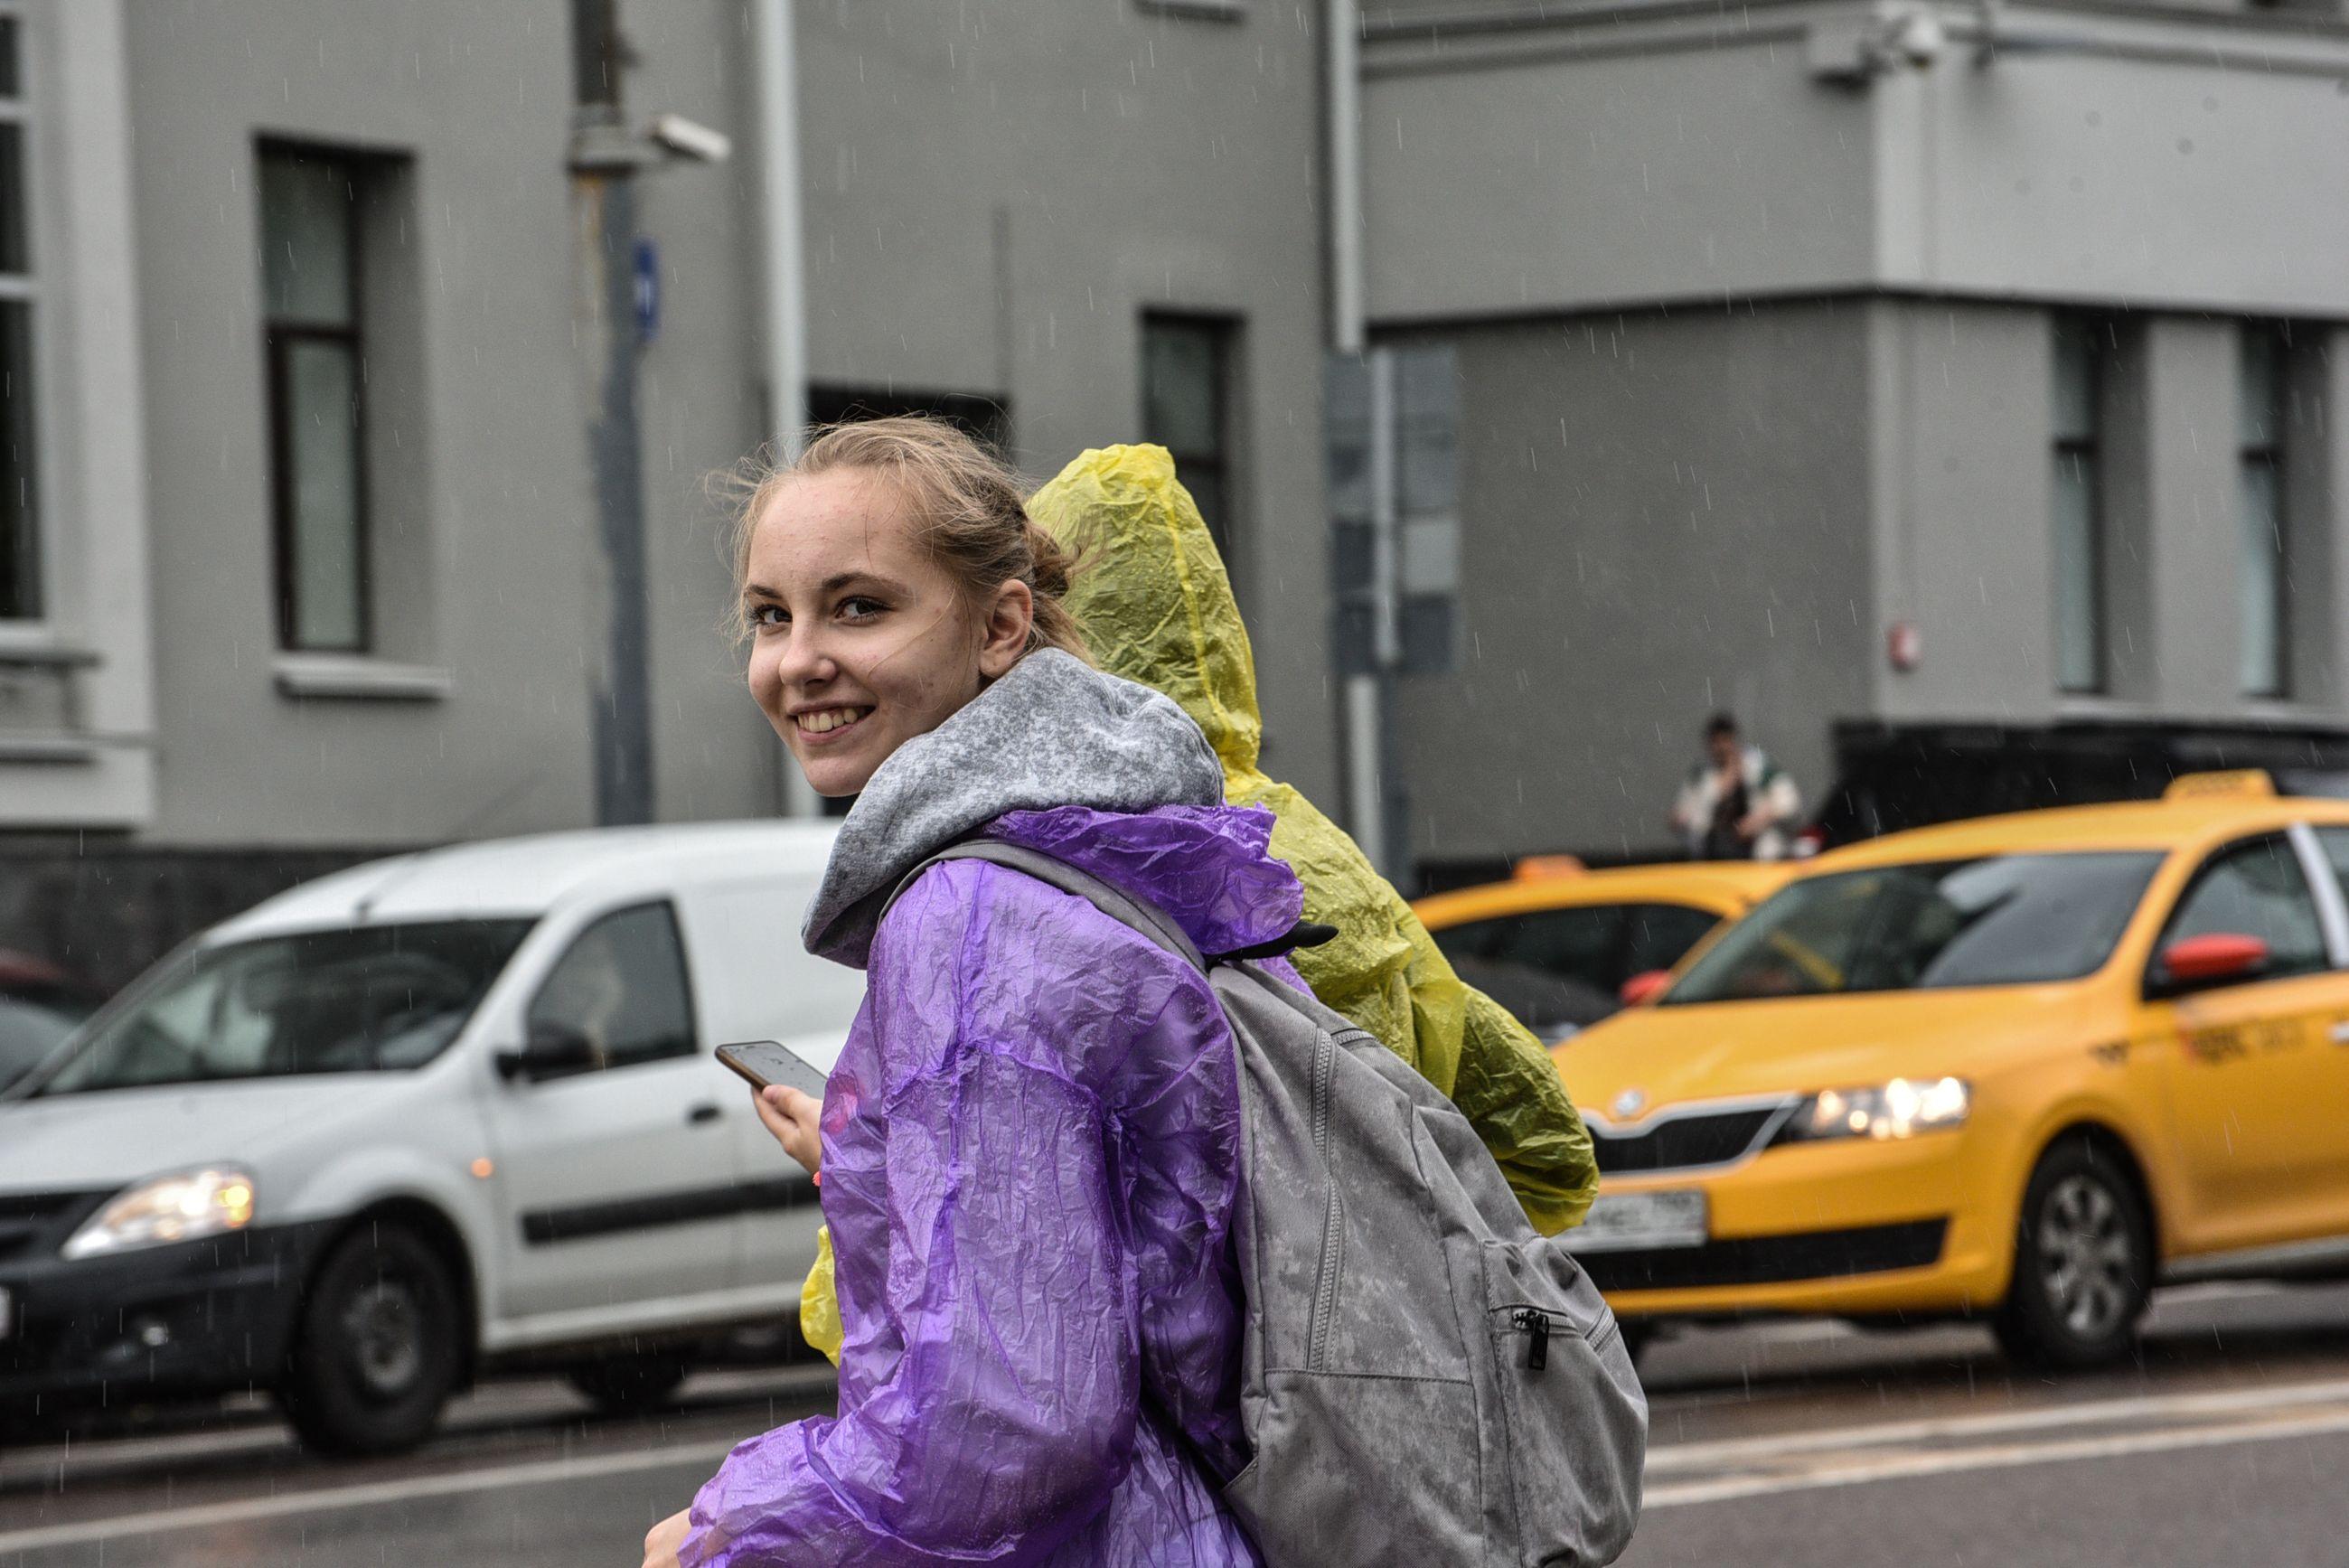 Жителей Москвы ожидает теплая и дождливая погода